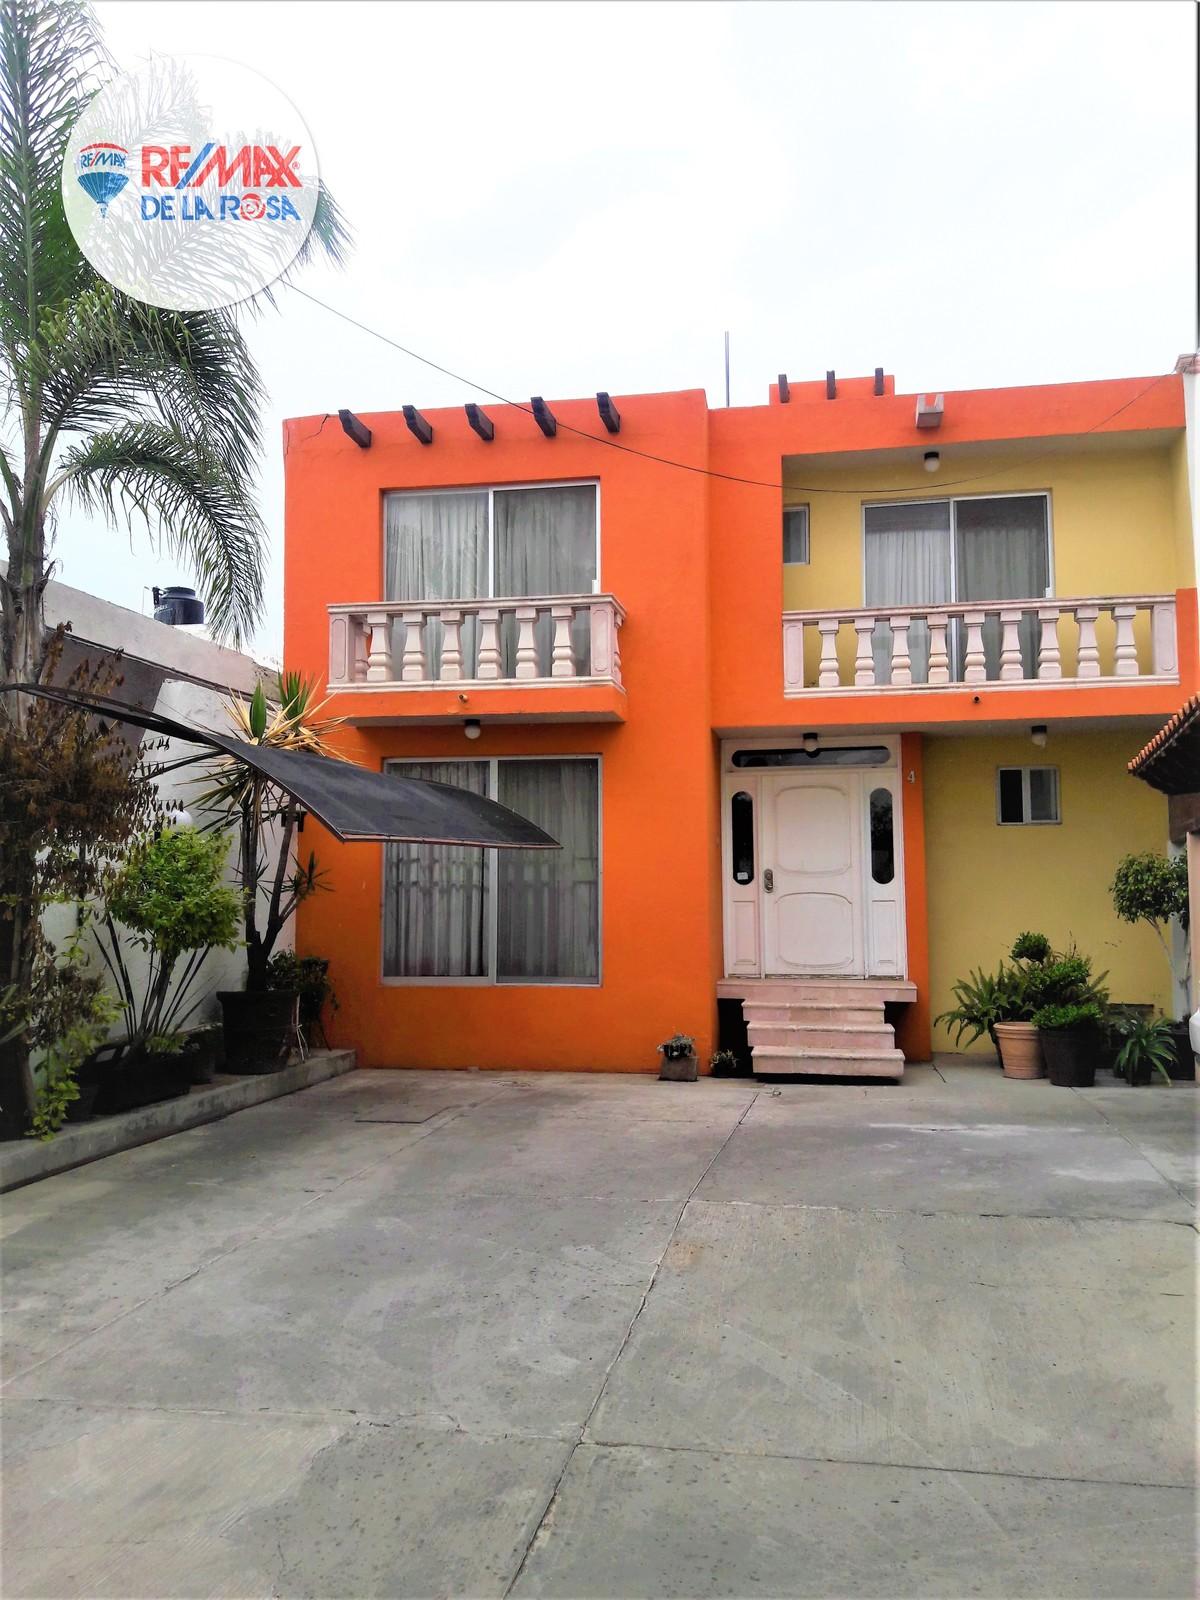 Casa en renta en de analco durango goplaceit for Renta de casas en durango